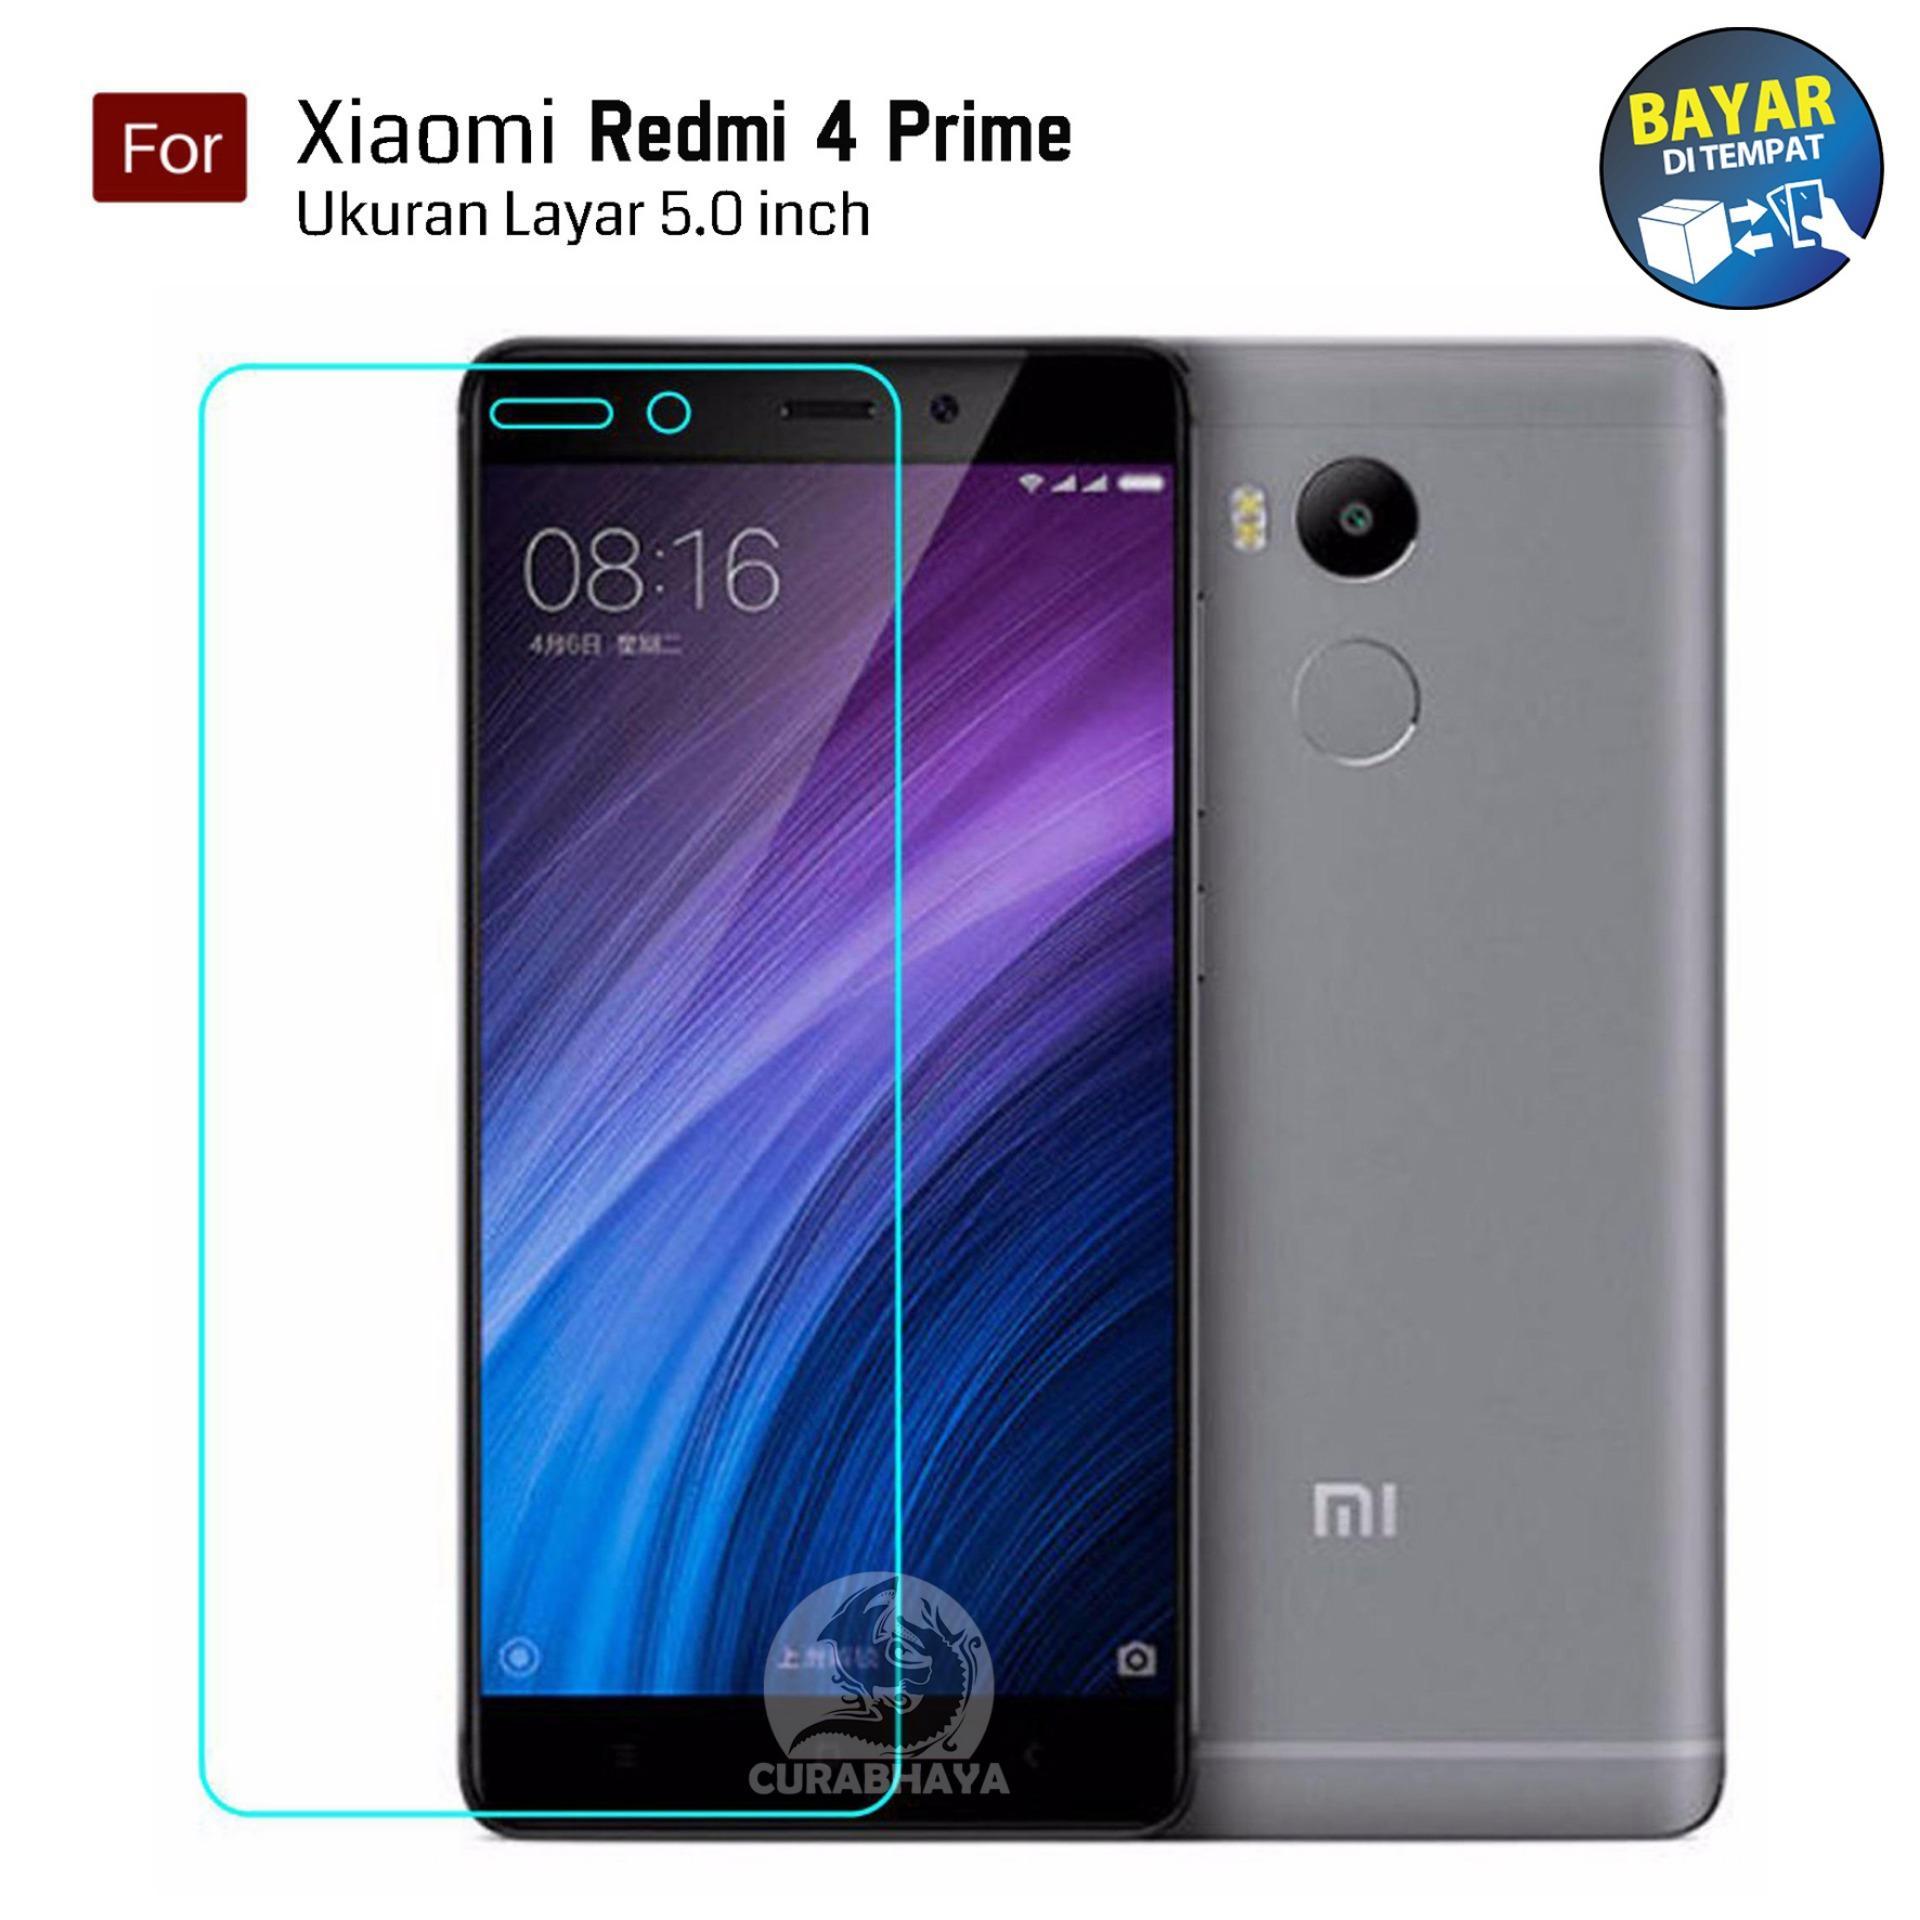 Tempat Jual Tempered Glass Xiaomi Redmi 4 Prime Original Terbaru Go Girl 698090 Jam Tangan Wanita Leather Strap Merah Buy Sell Cheapest Kong Best Quality Product Deals 9h